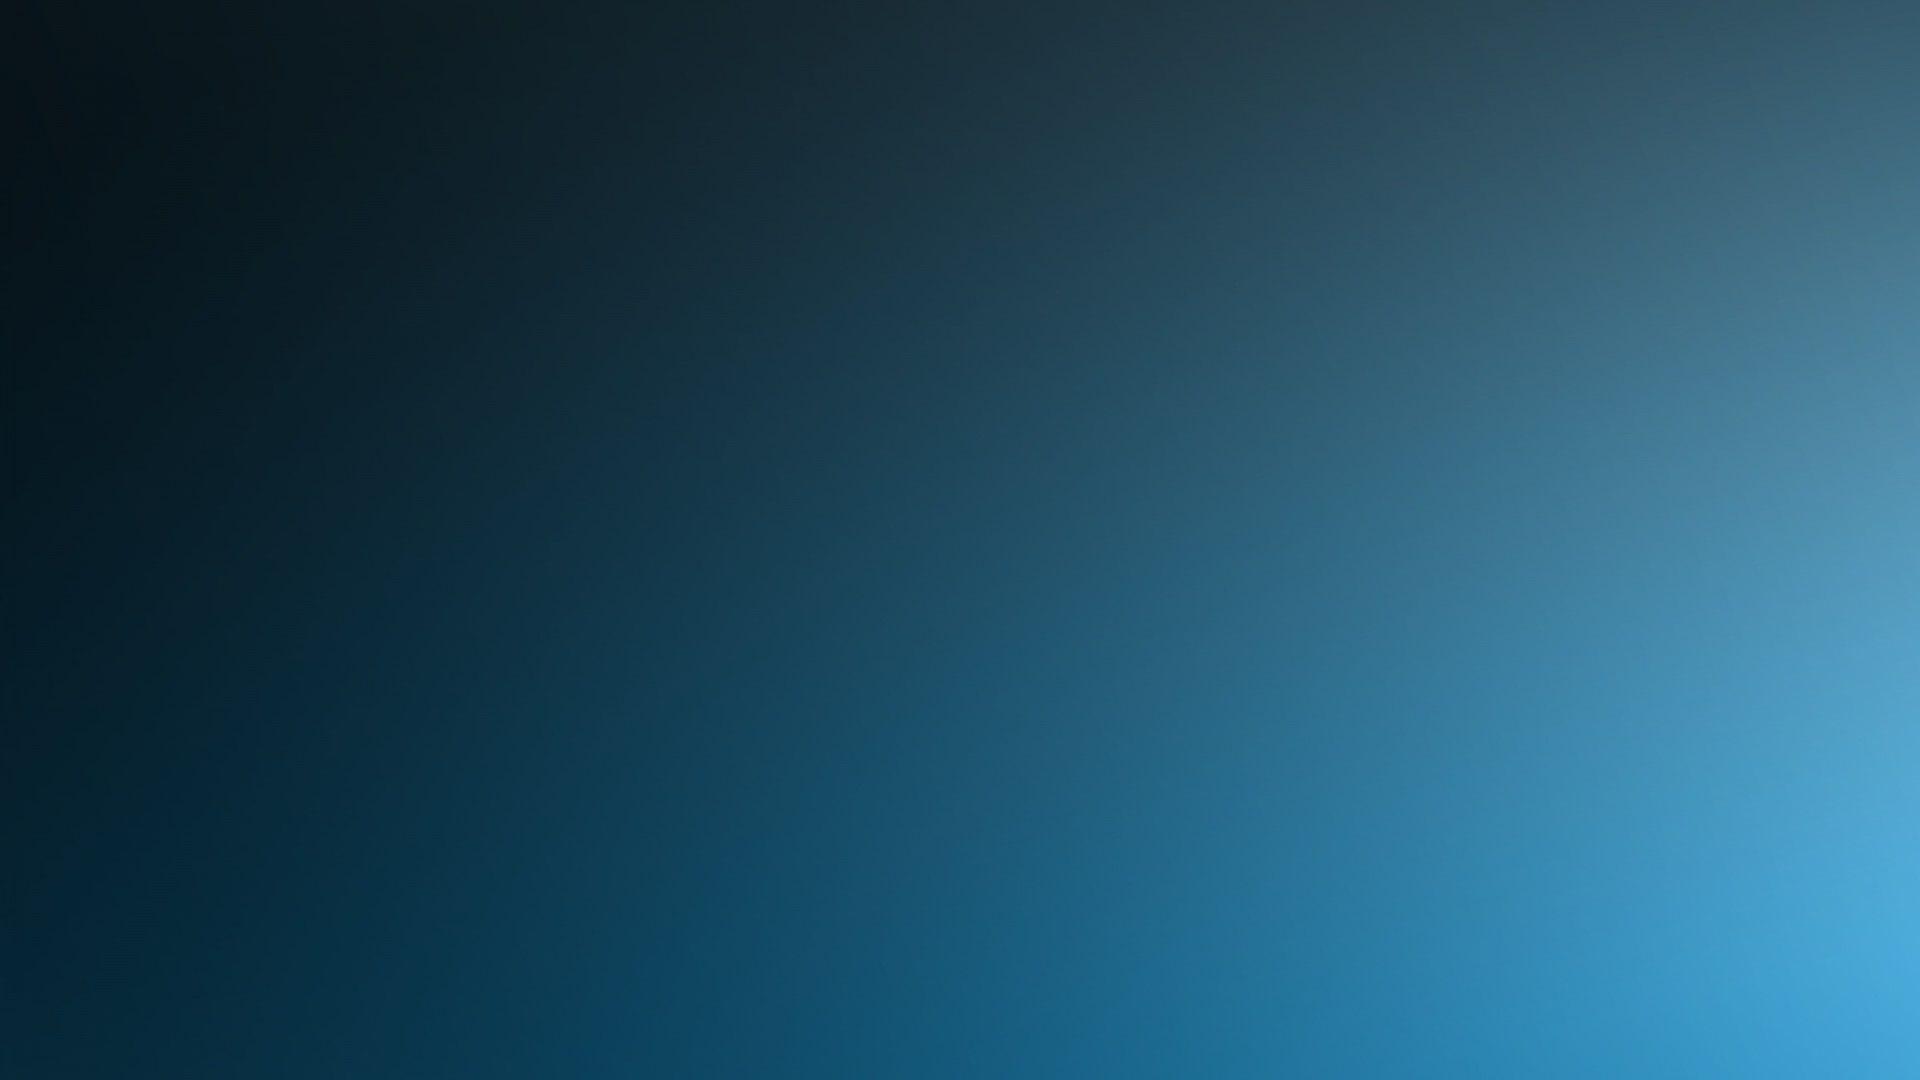 dark blue texture hd wide wallpaper for widescreen 30